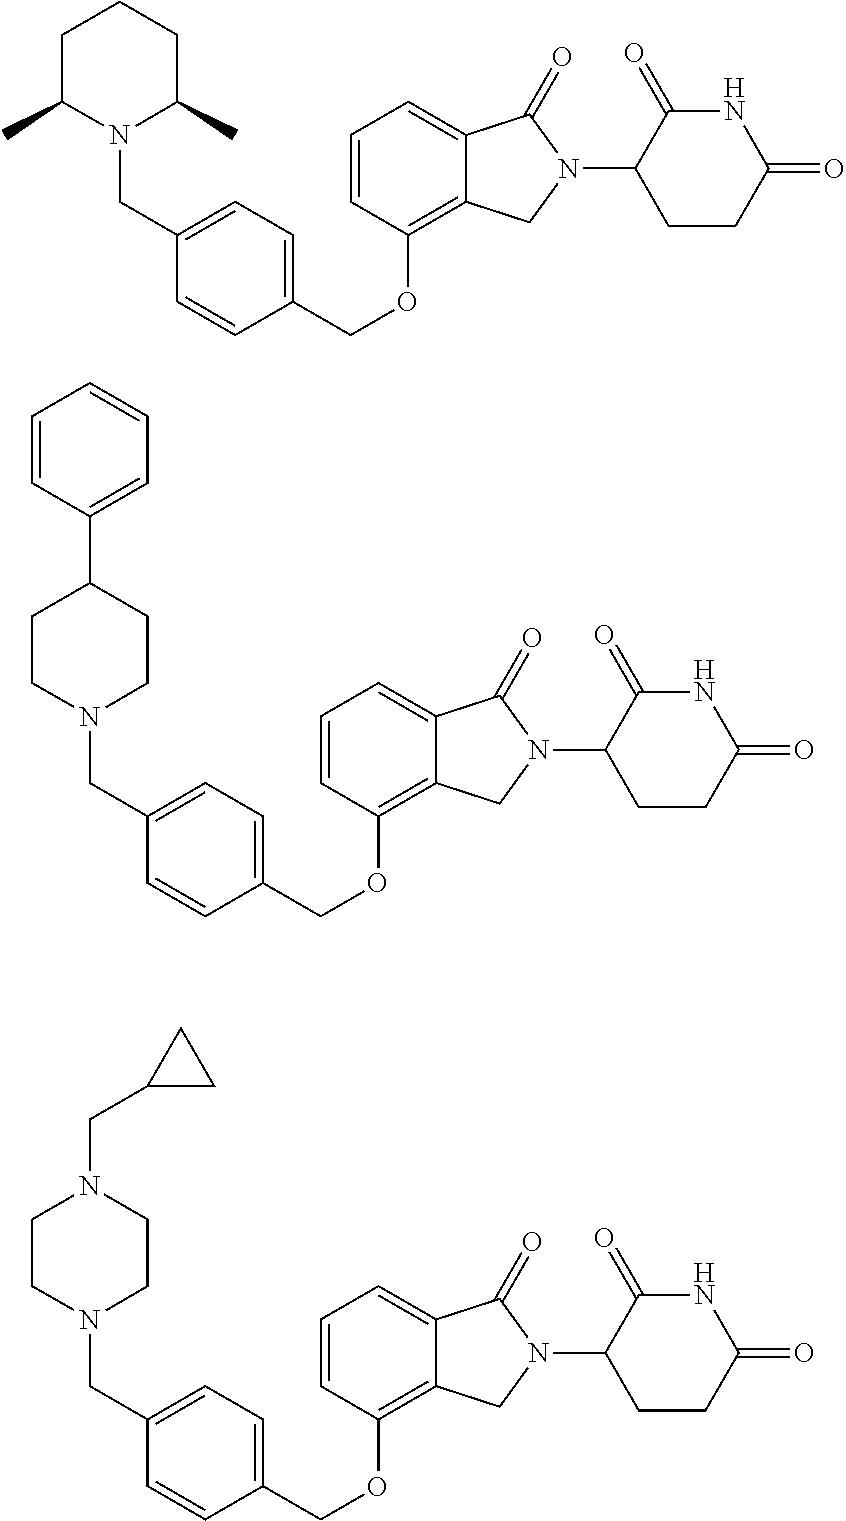 Figure US20110196150A1-20110811-C00043